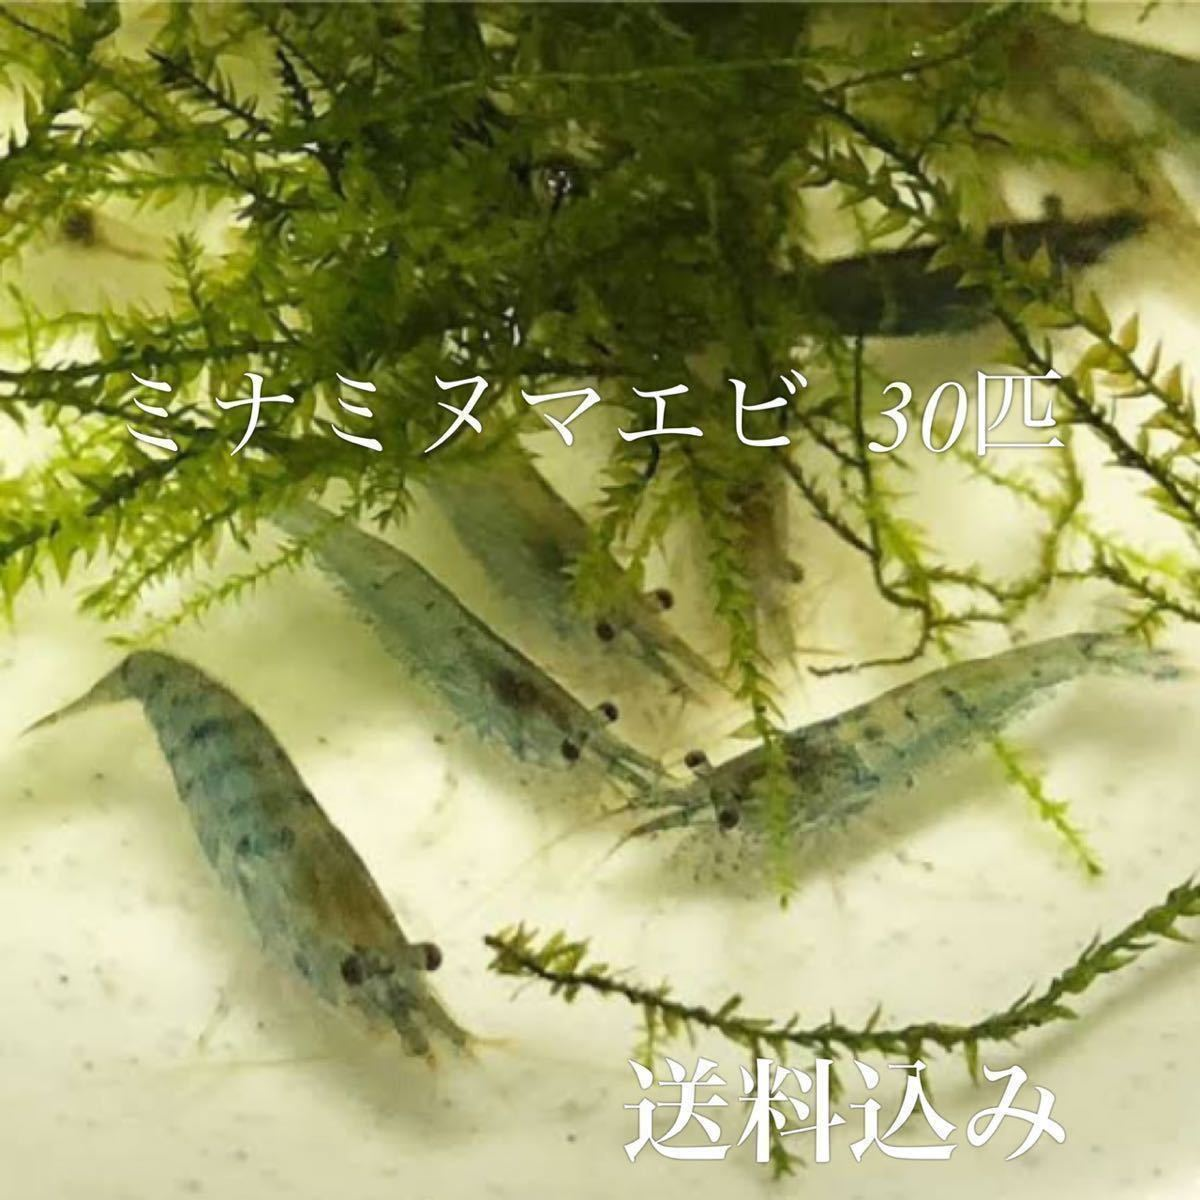 ミナミヌマエビ 30匹 水草 メダカ 金魚 アナカリス 水槽 熱帯魚_画像1